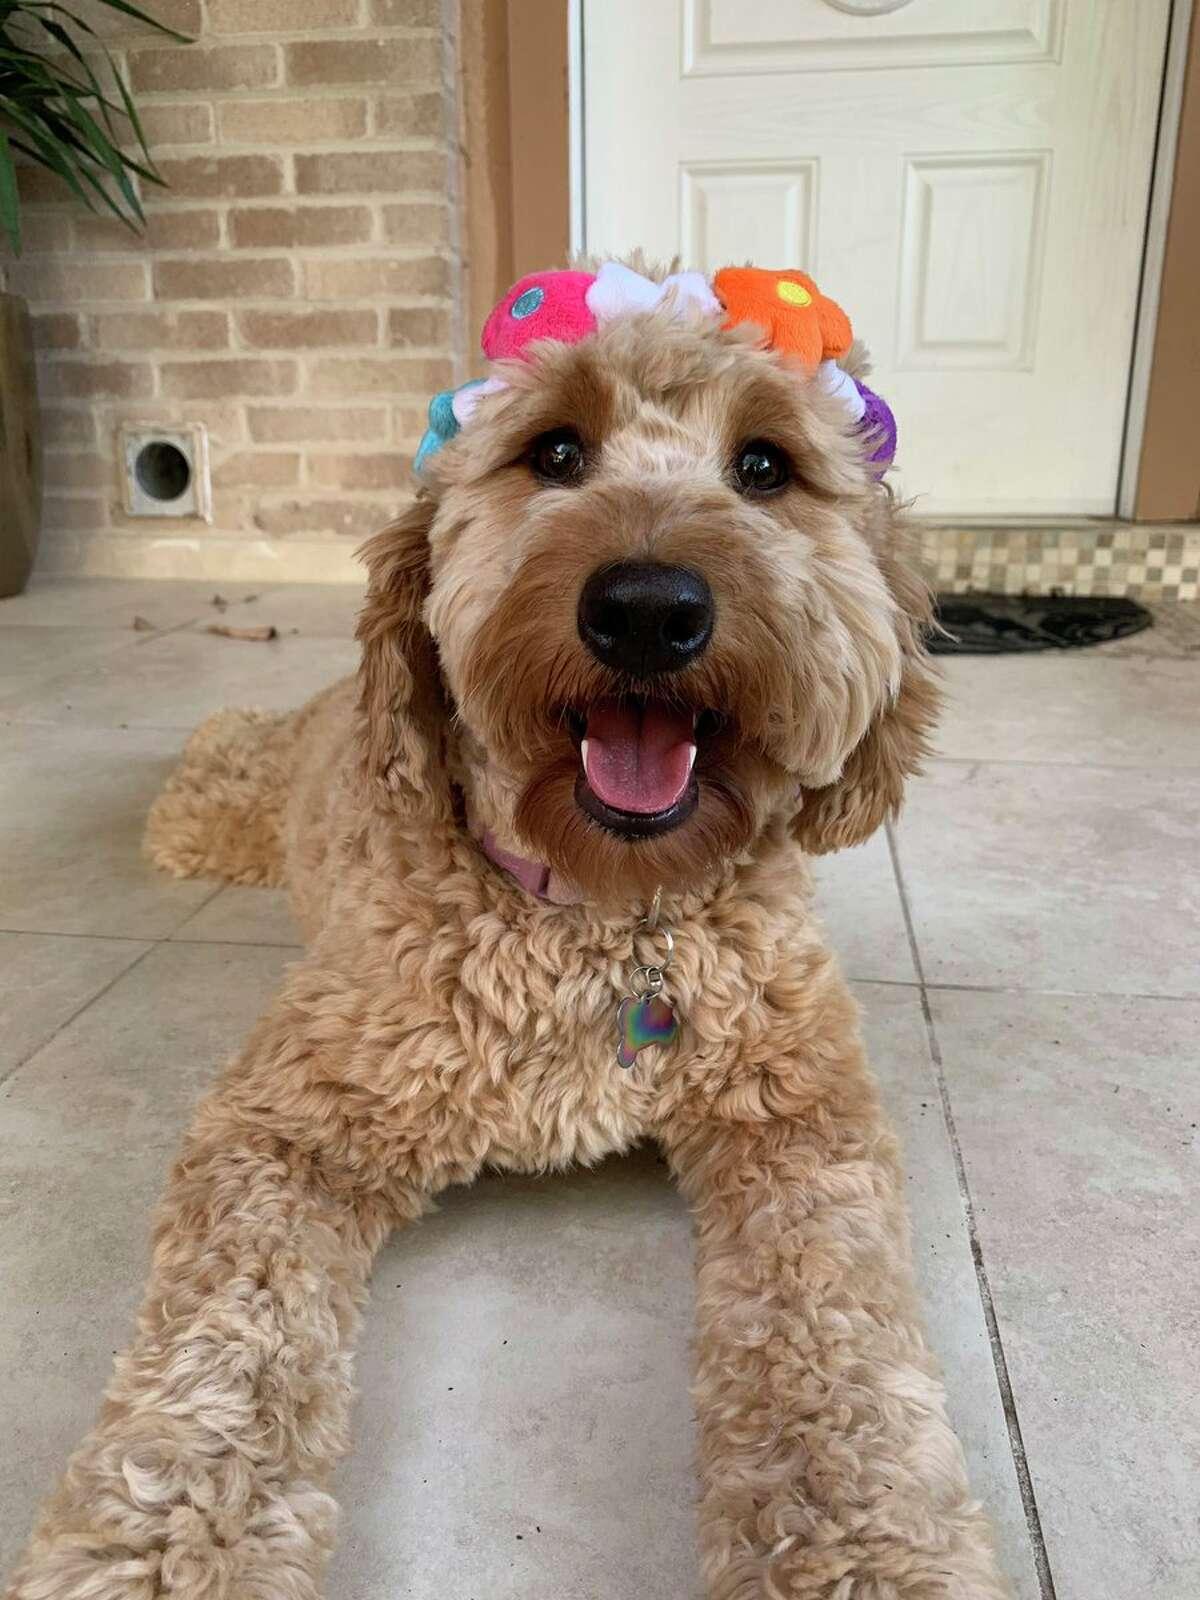 Maggie Soberanes (@mags0727)'s mini Goldendoodle Arlowe, known as@arlowethedoodleon Instagram, modeling her Fiesta flower crown by Woof & Whiskers.